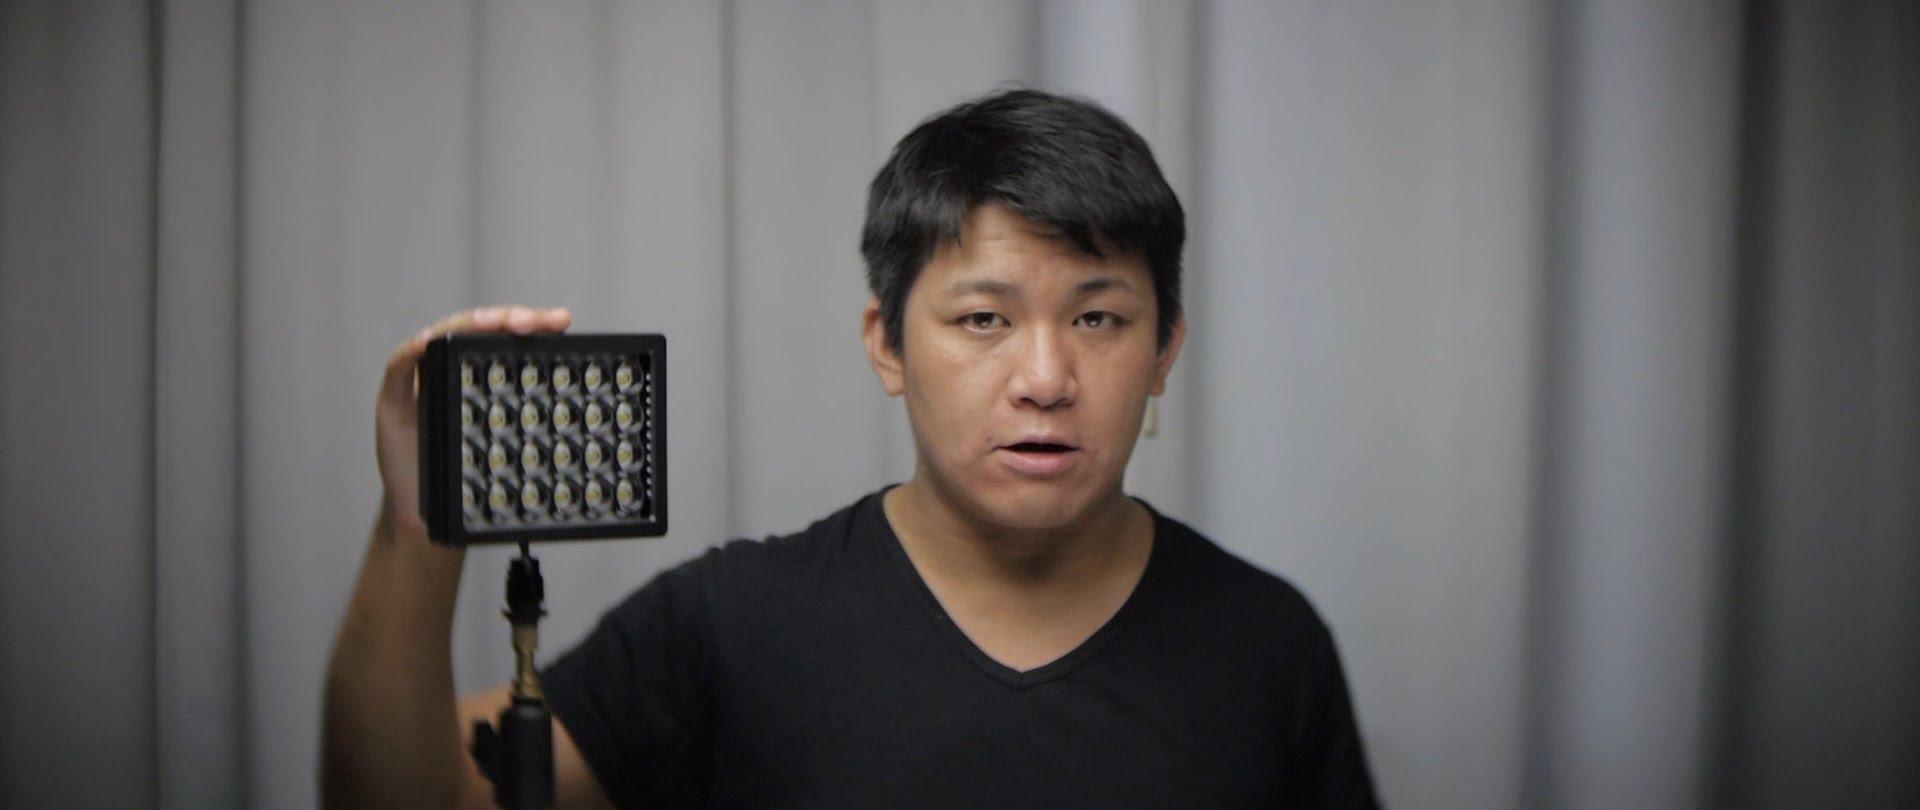 Cheapest LED light Diffuser